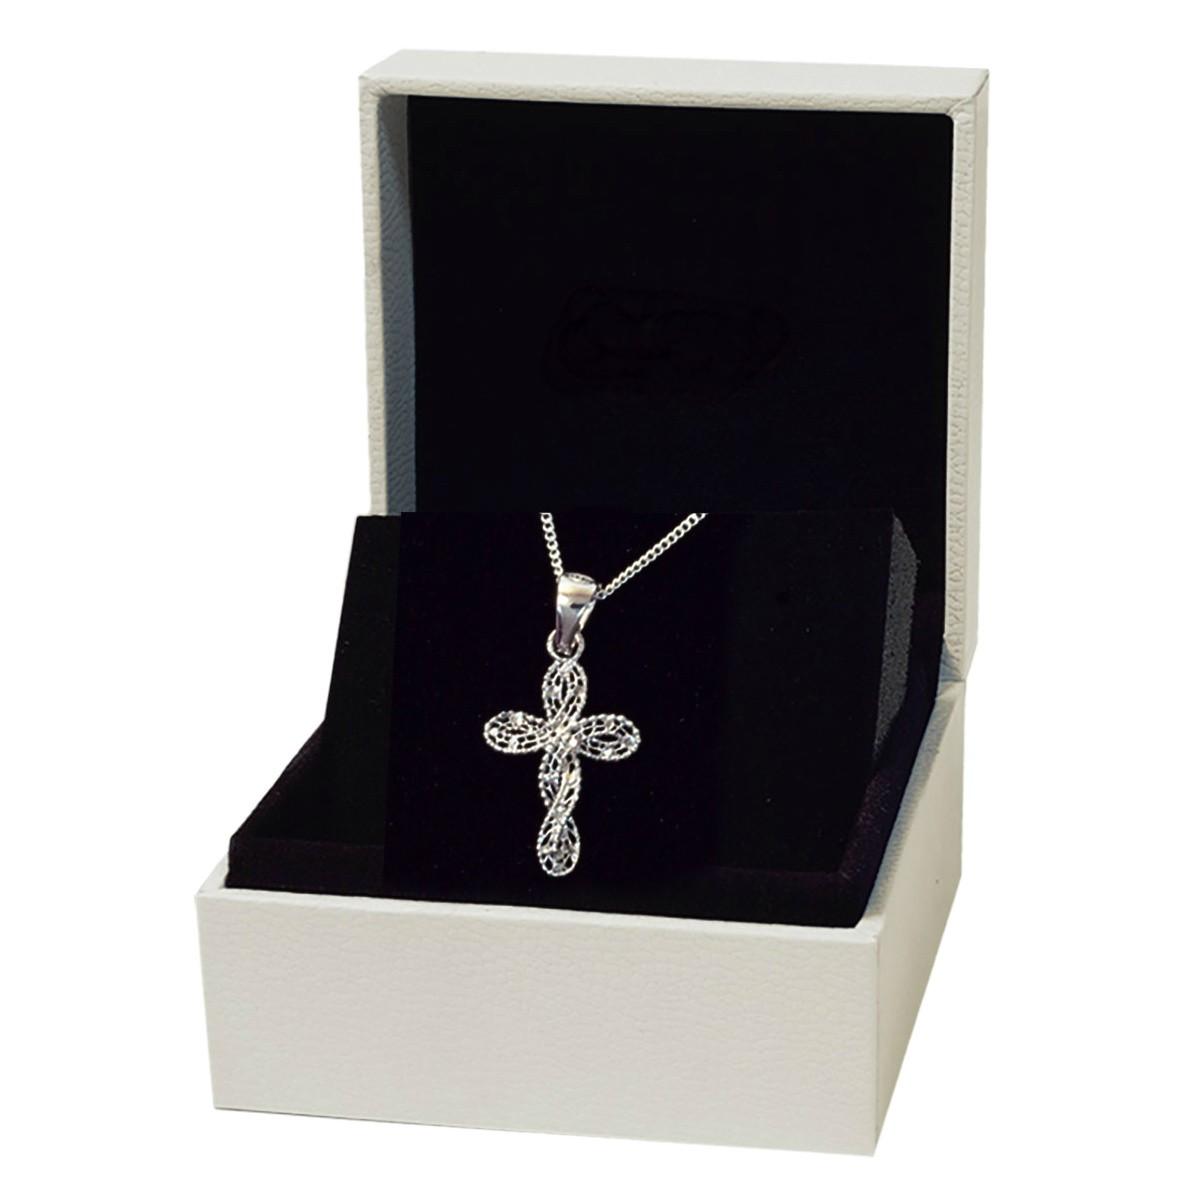 taille 7 prix de détail meilleure qualité pour Collier argent - Chaine avec pendentif Croix femme en argent fin 925